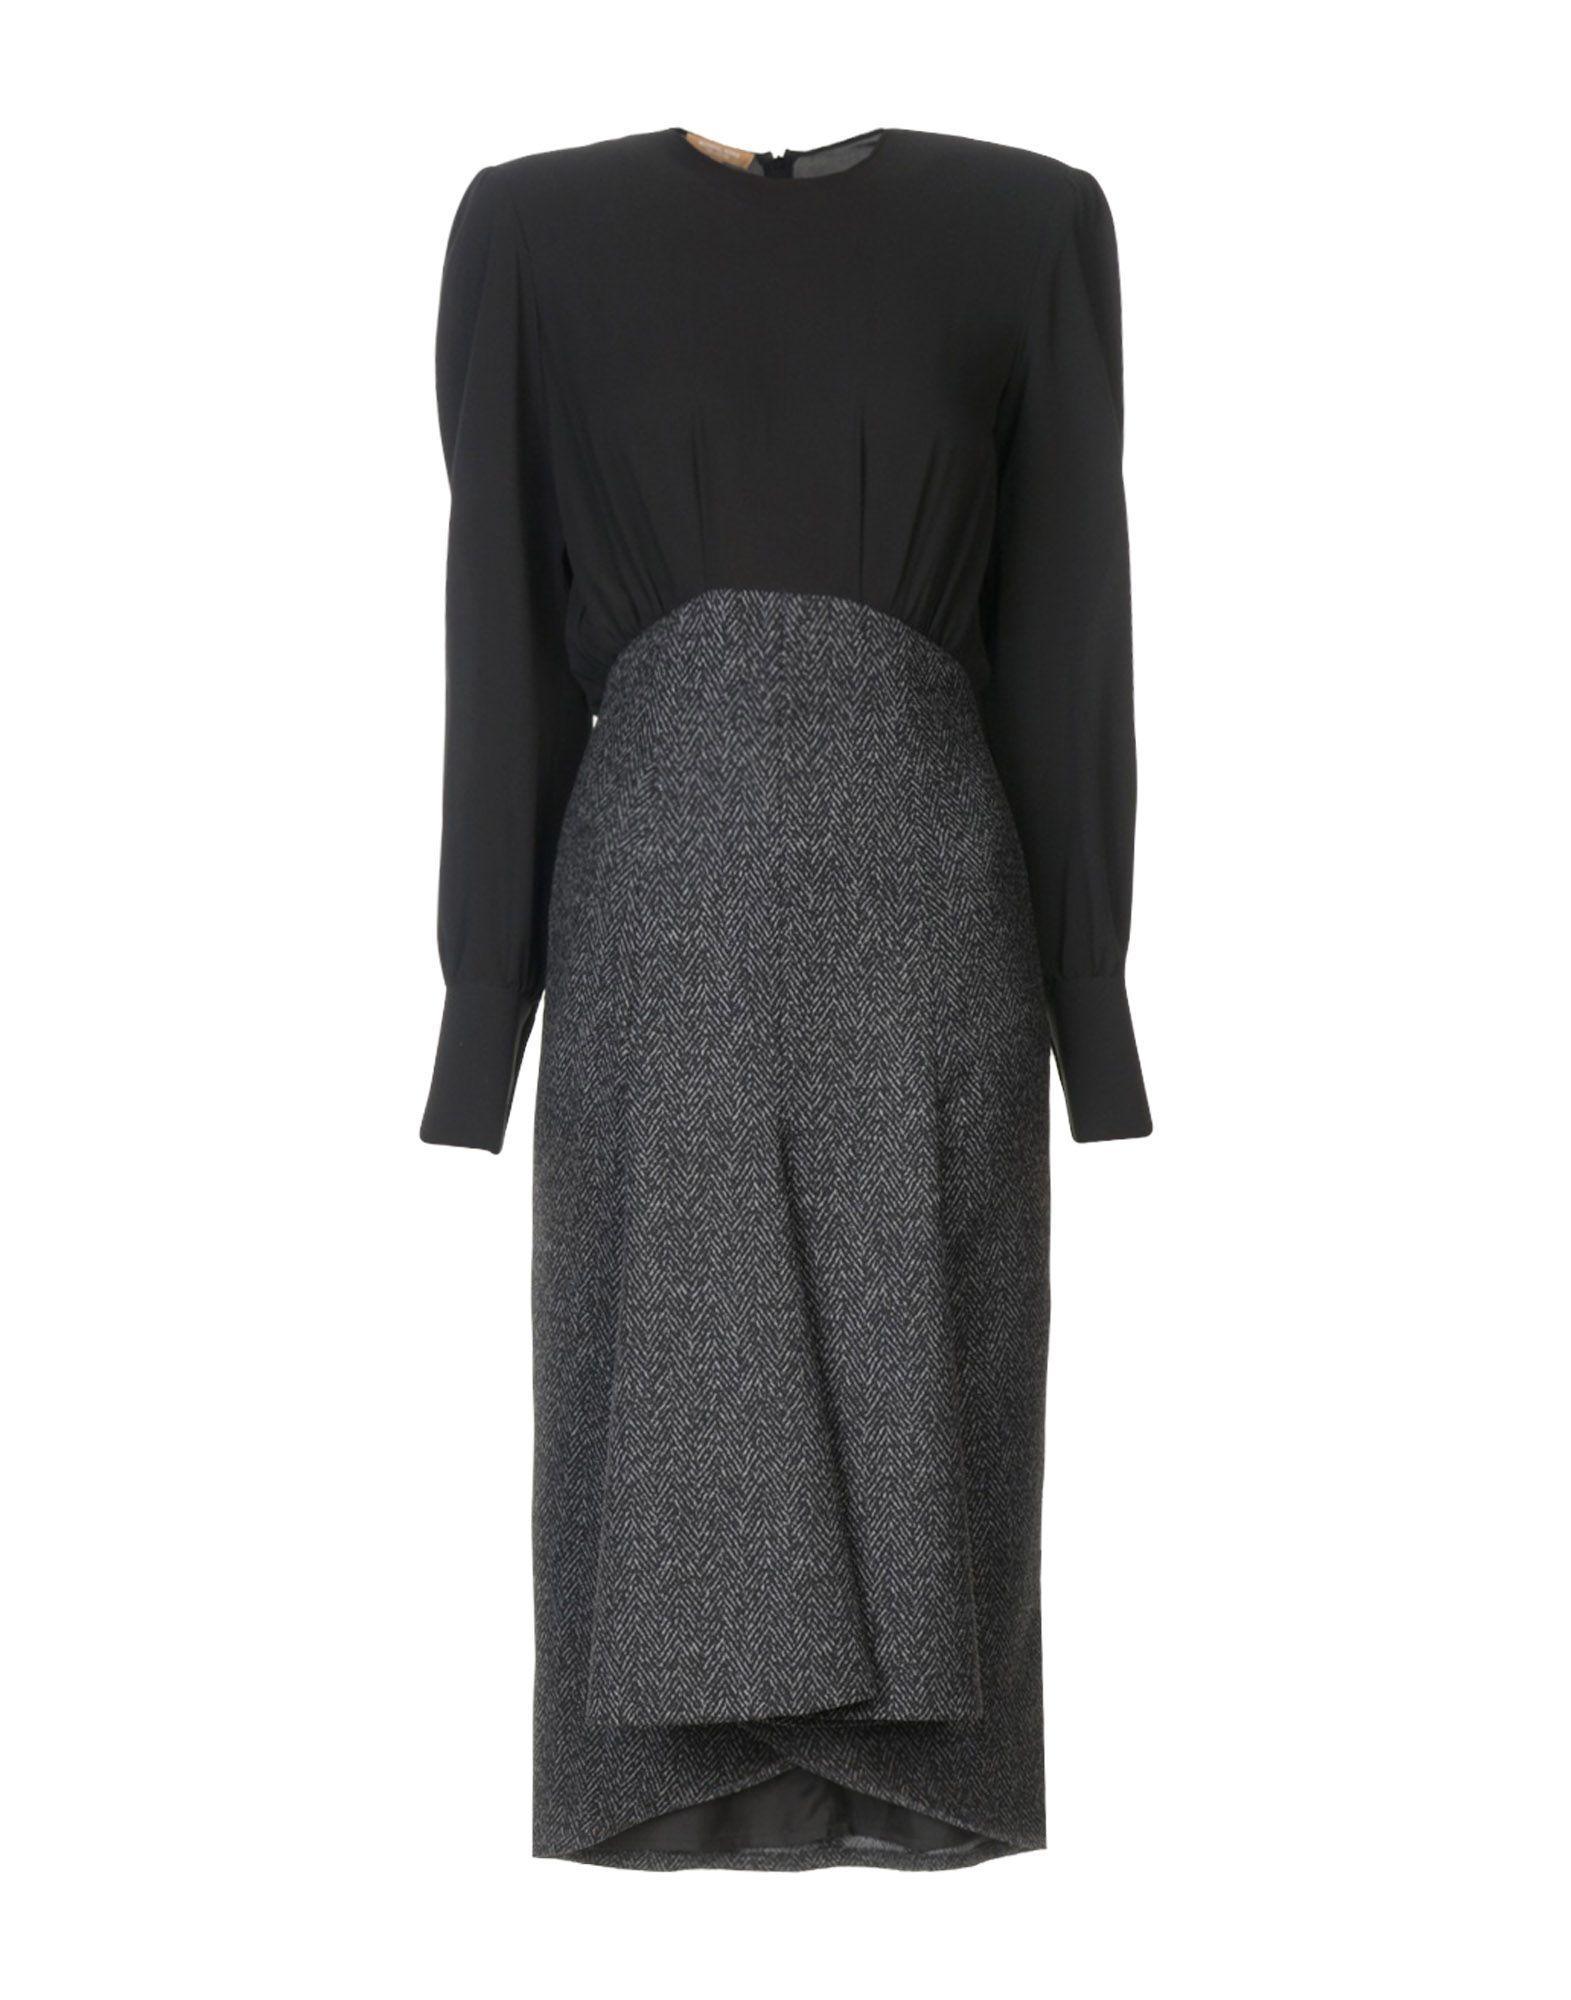 Michael Kors 3/4 Length Dress In Black